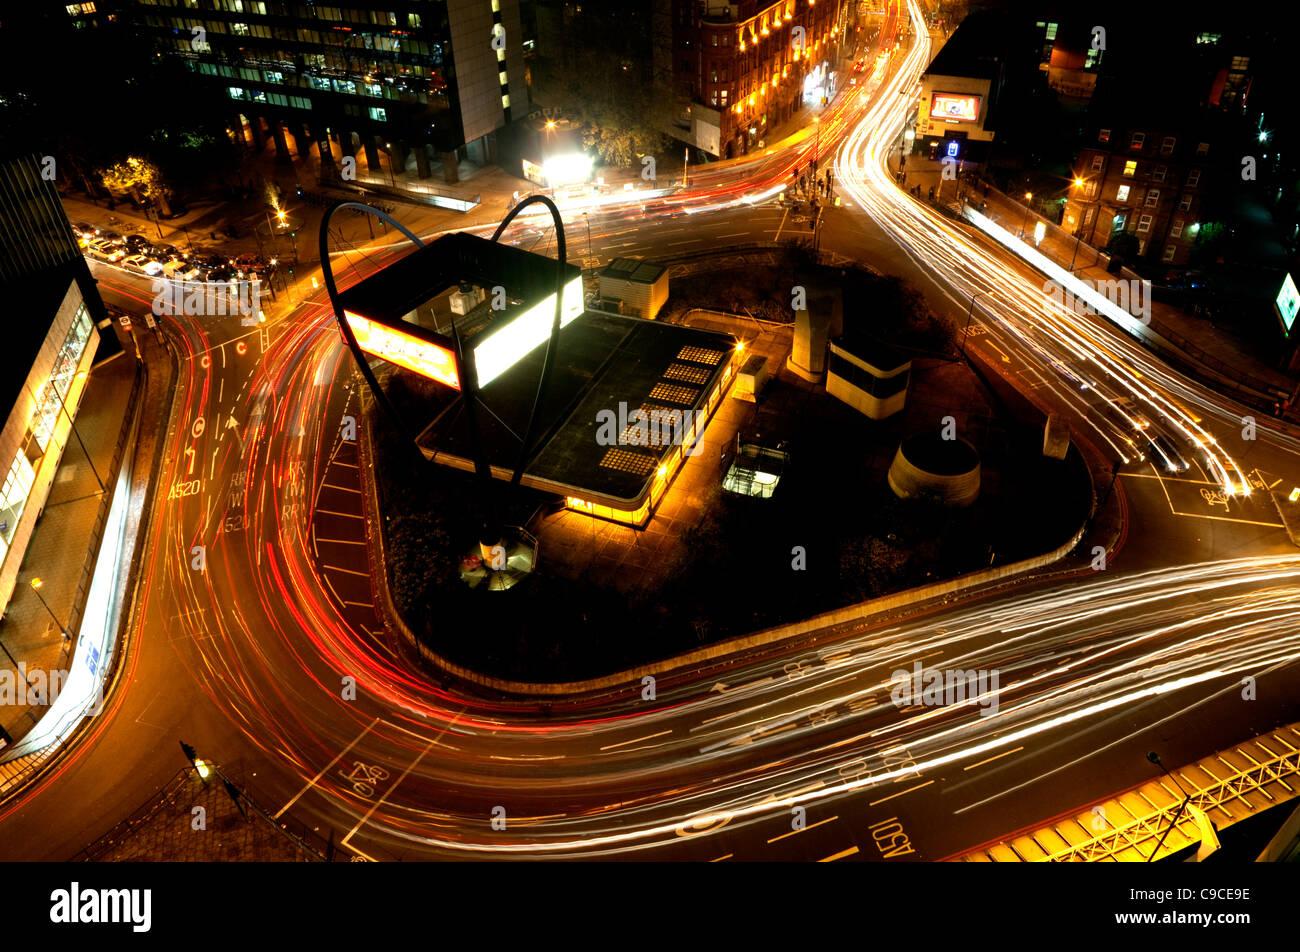 La vieille rue rond-point (rond-point de silicium), Londres, pendant l'heure de pointe du soir photographié Photo Stock